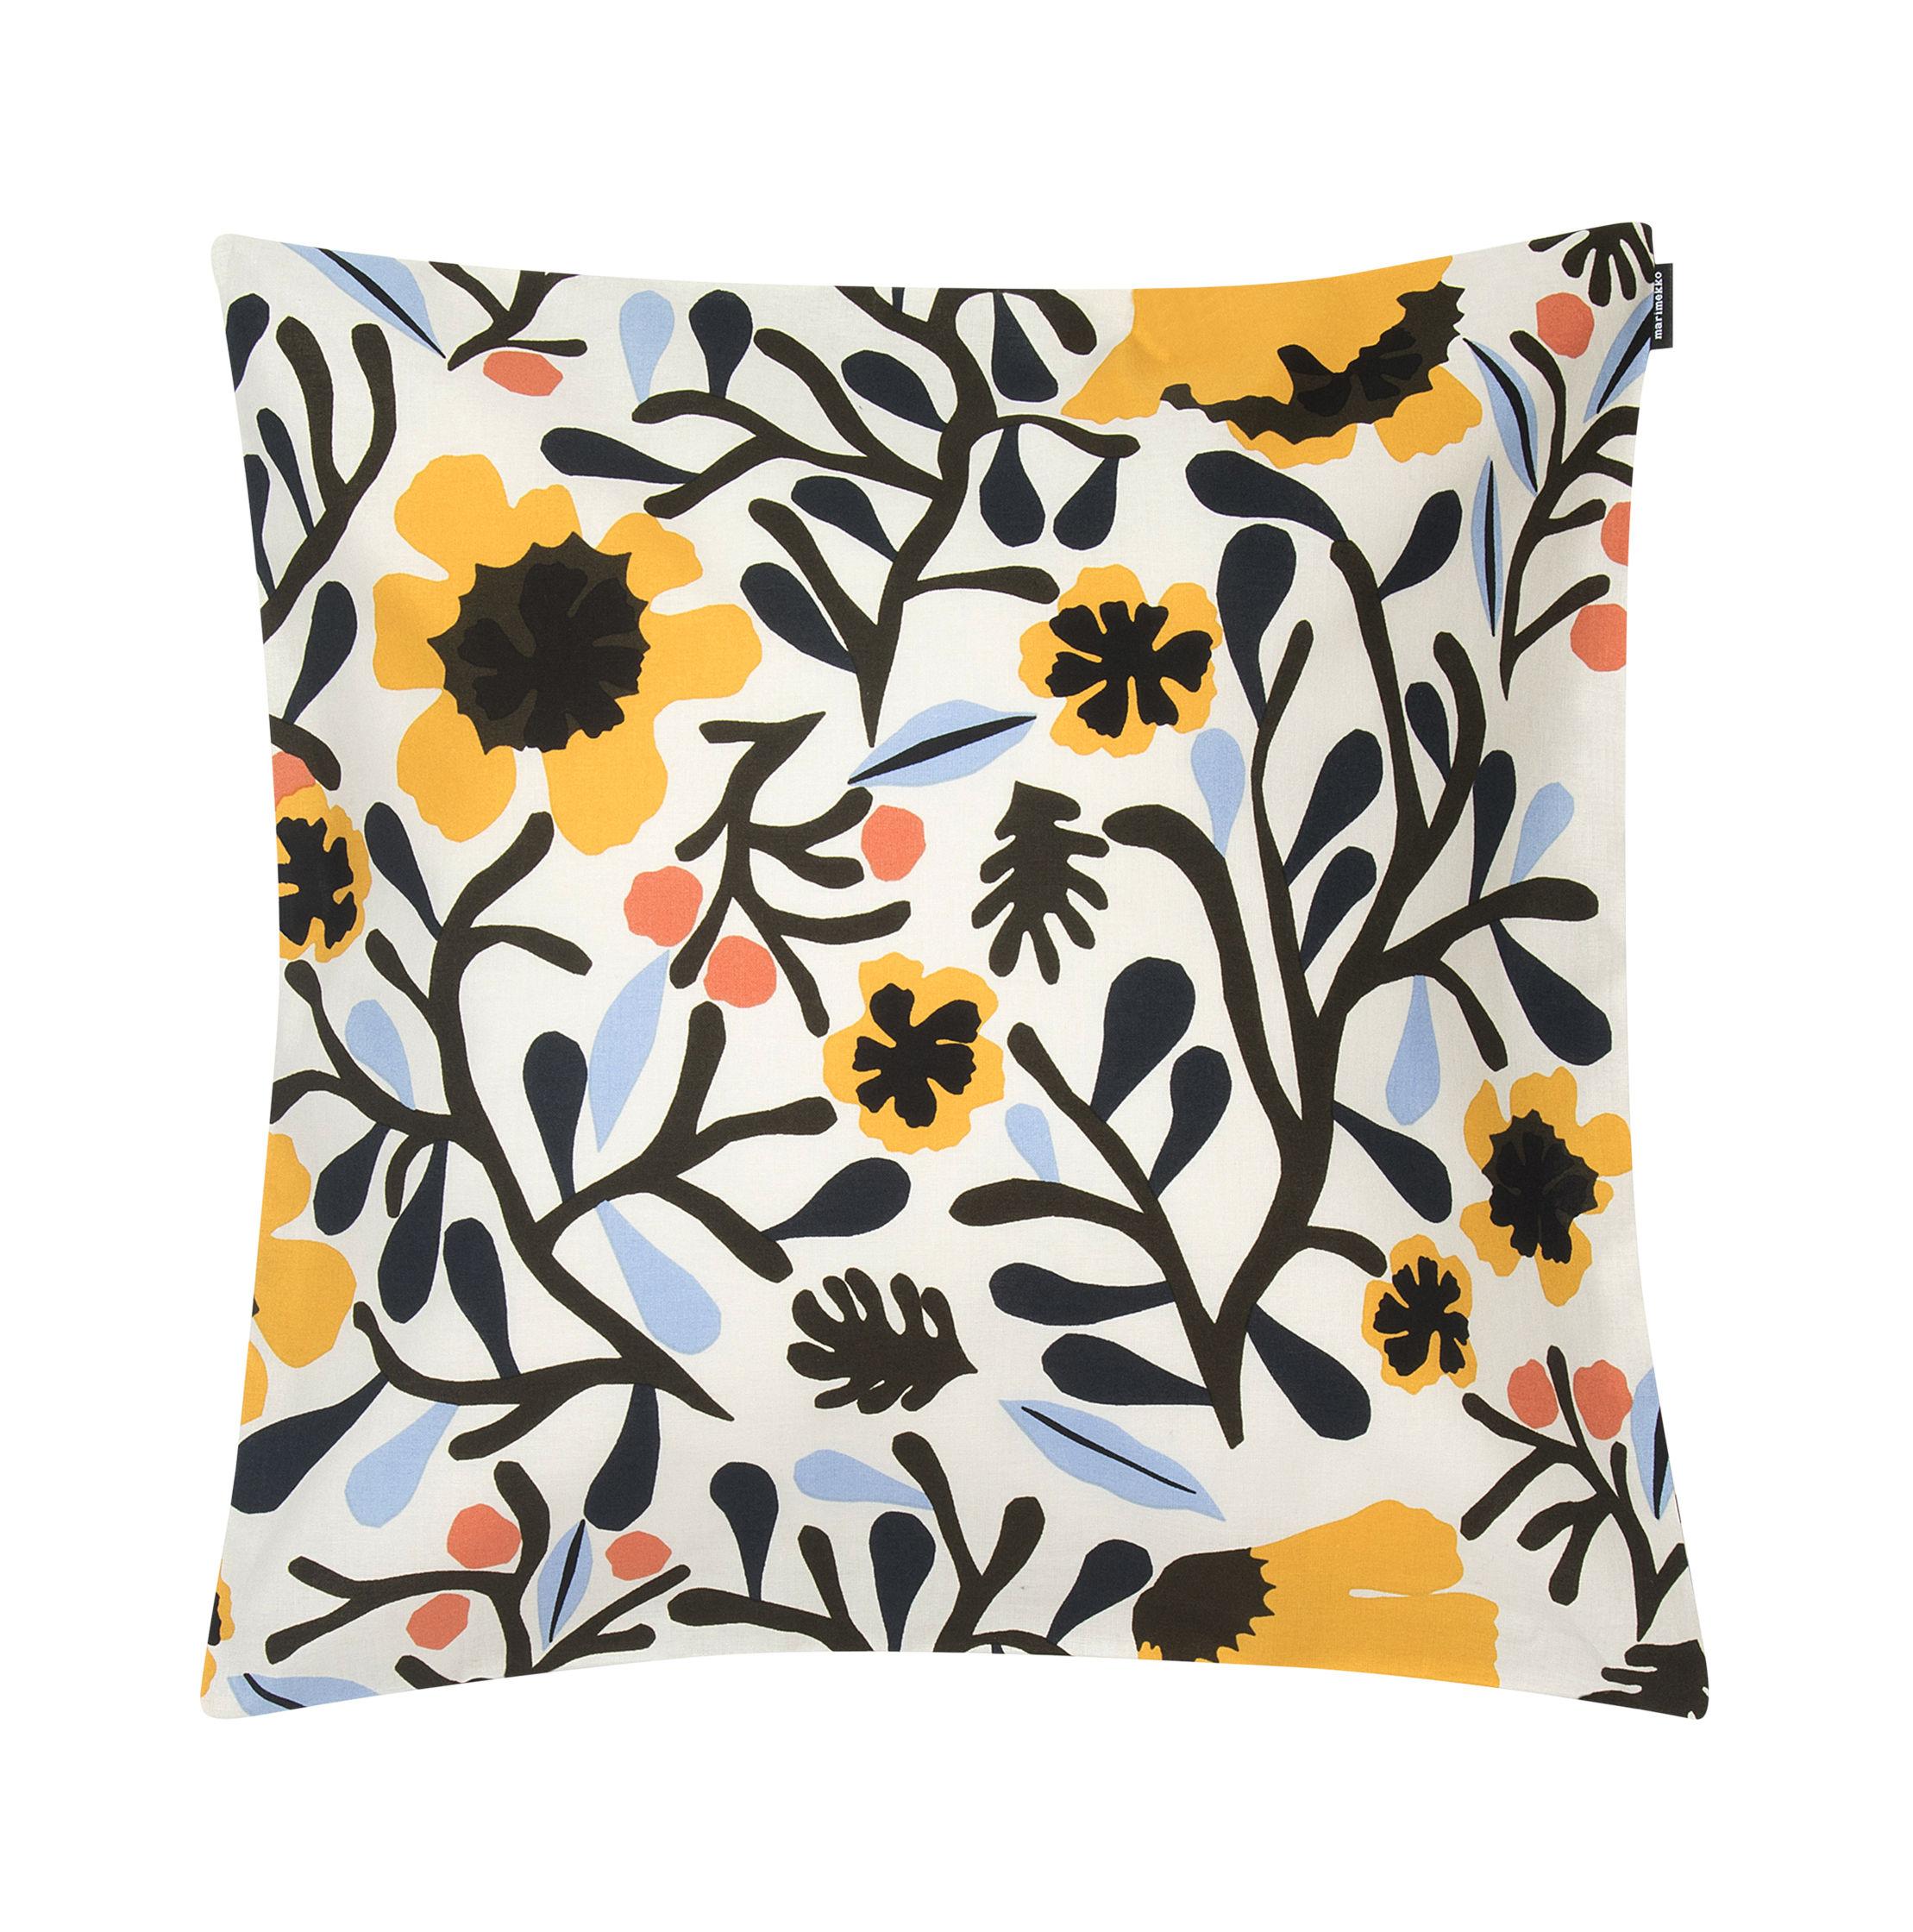 housse de coussin mykero marimekko mykero jaune bleu. Black Bedroom Furniture Sets. Home Design Ideas